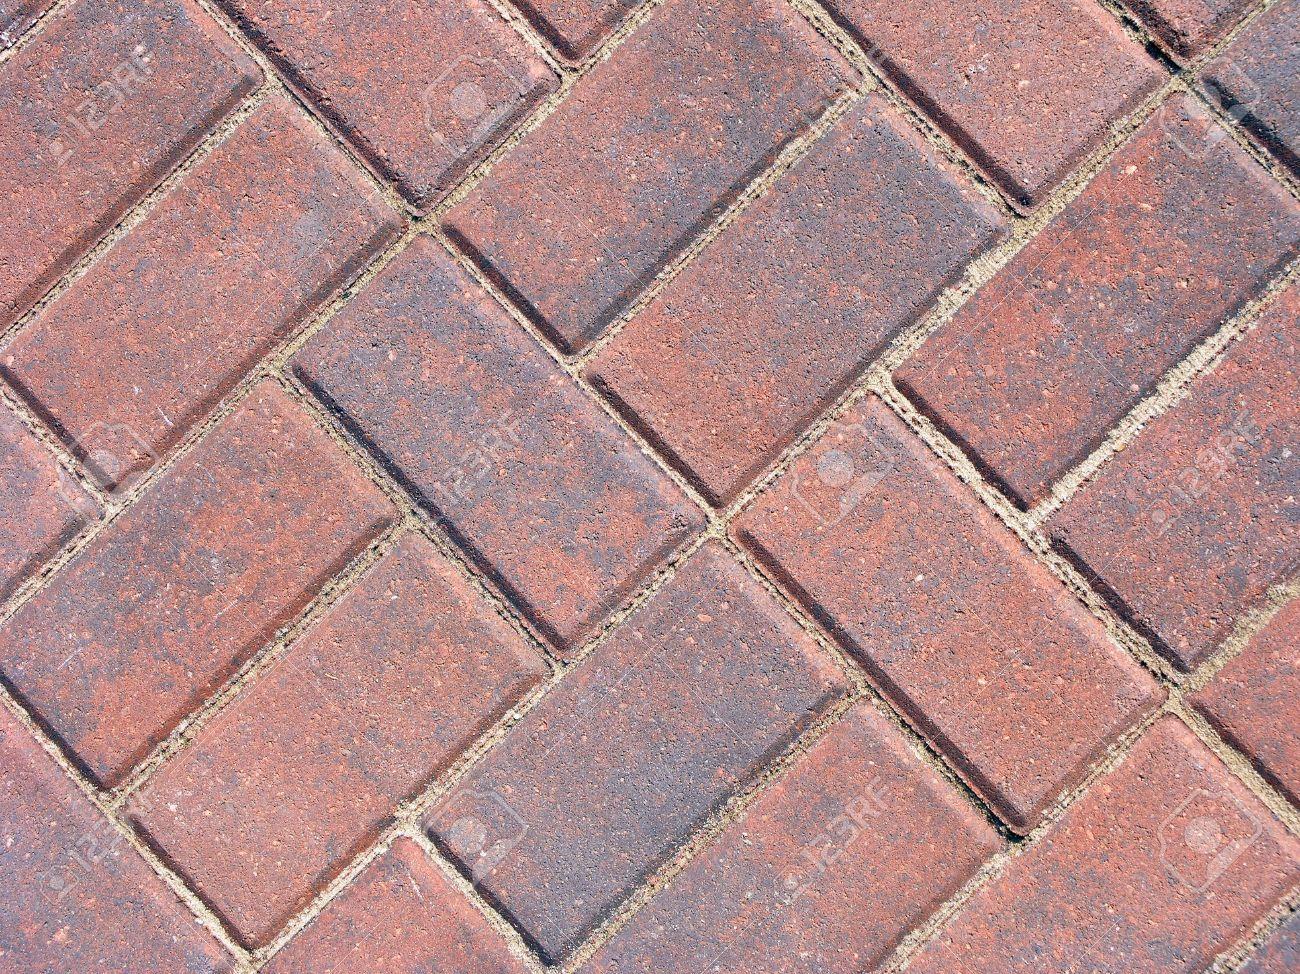 stock photo | parkway 1 | brick patios, patio blocks, patio